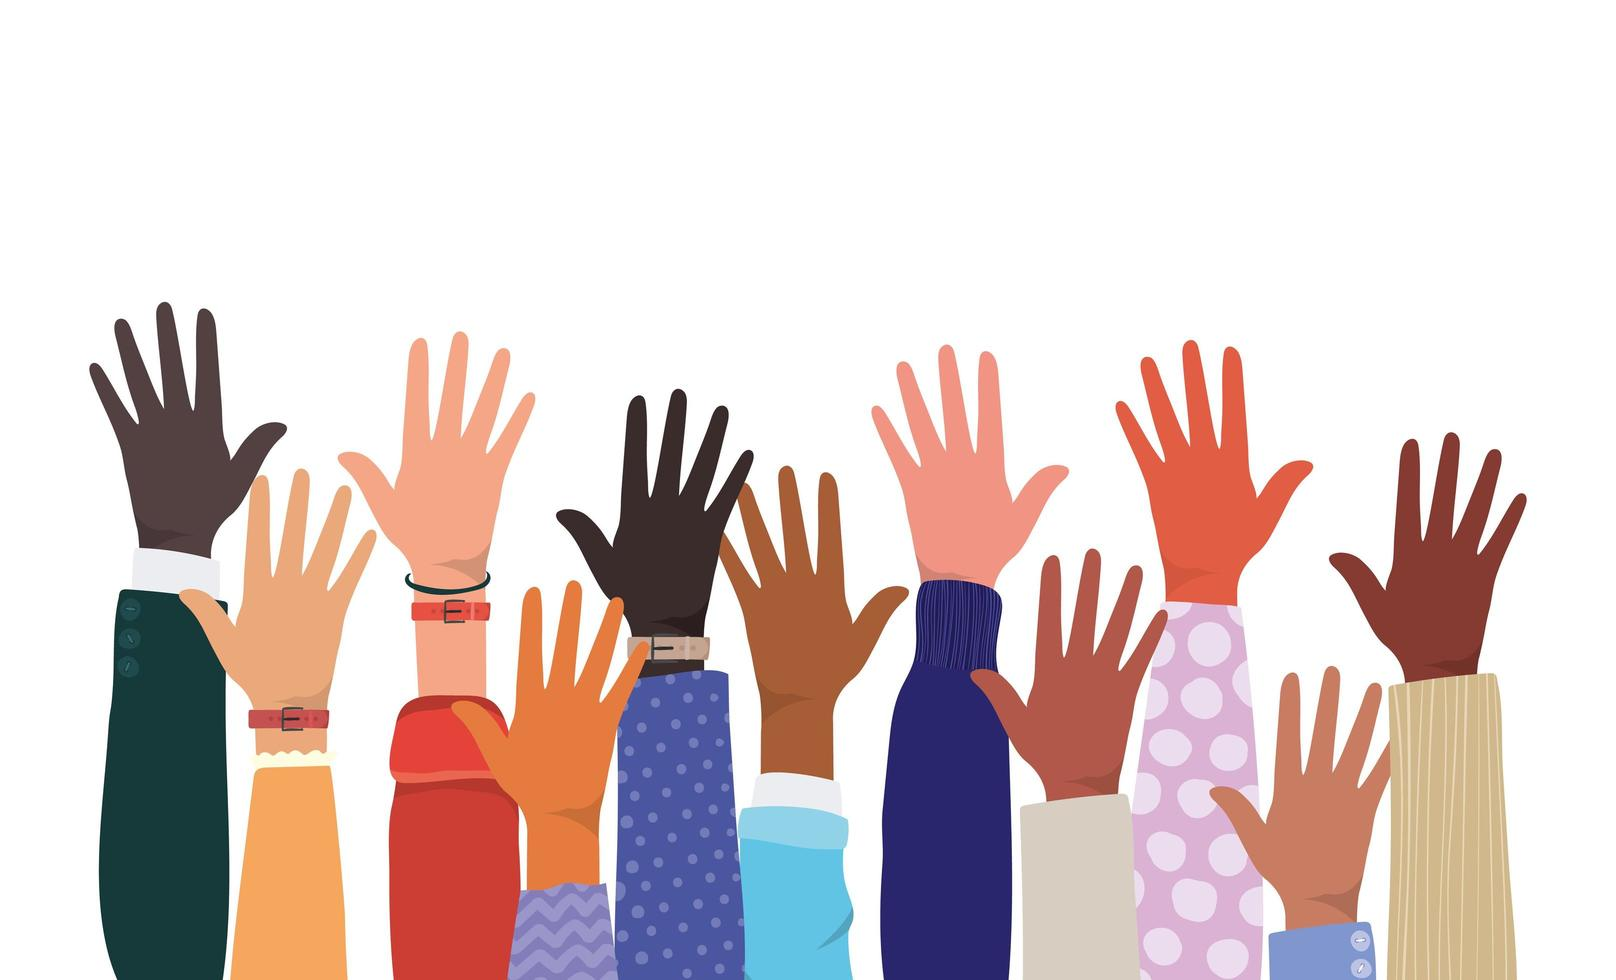 aprire le mani su diversi tipi di pelli vettore